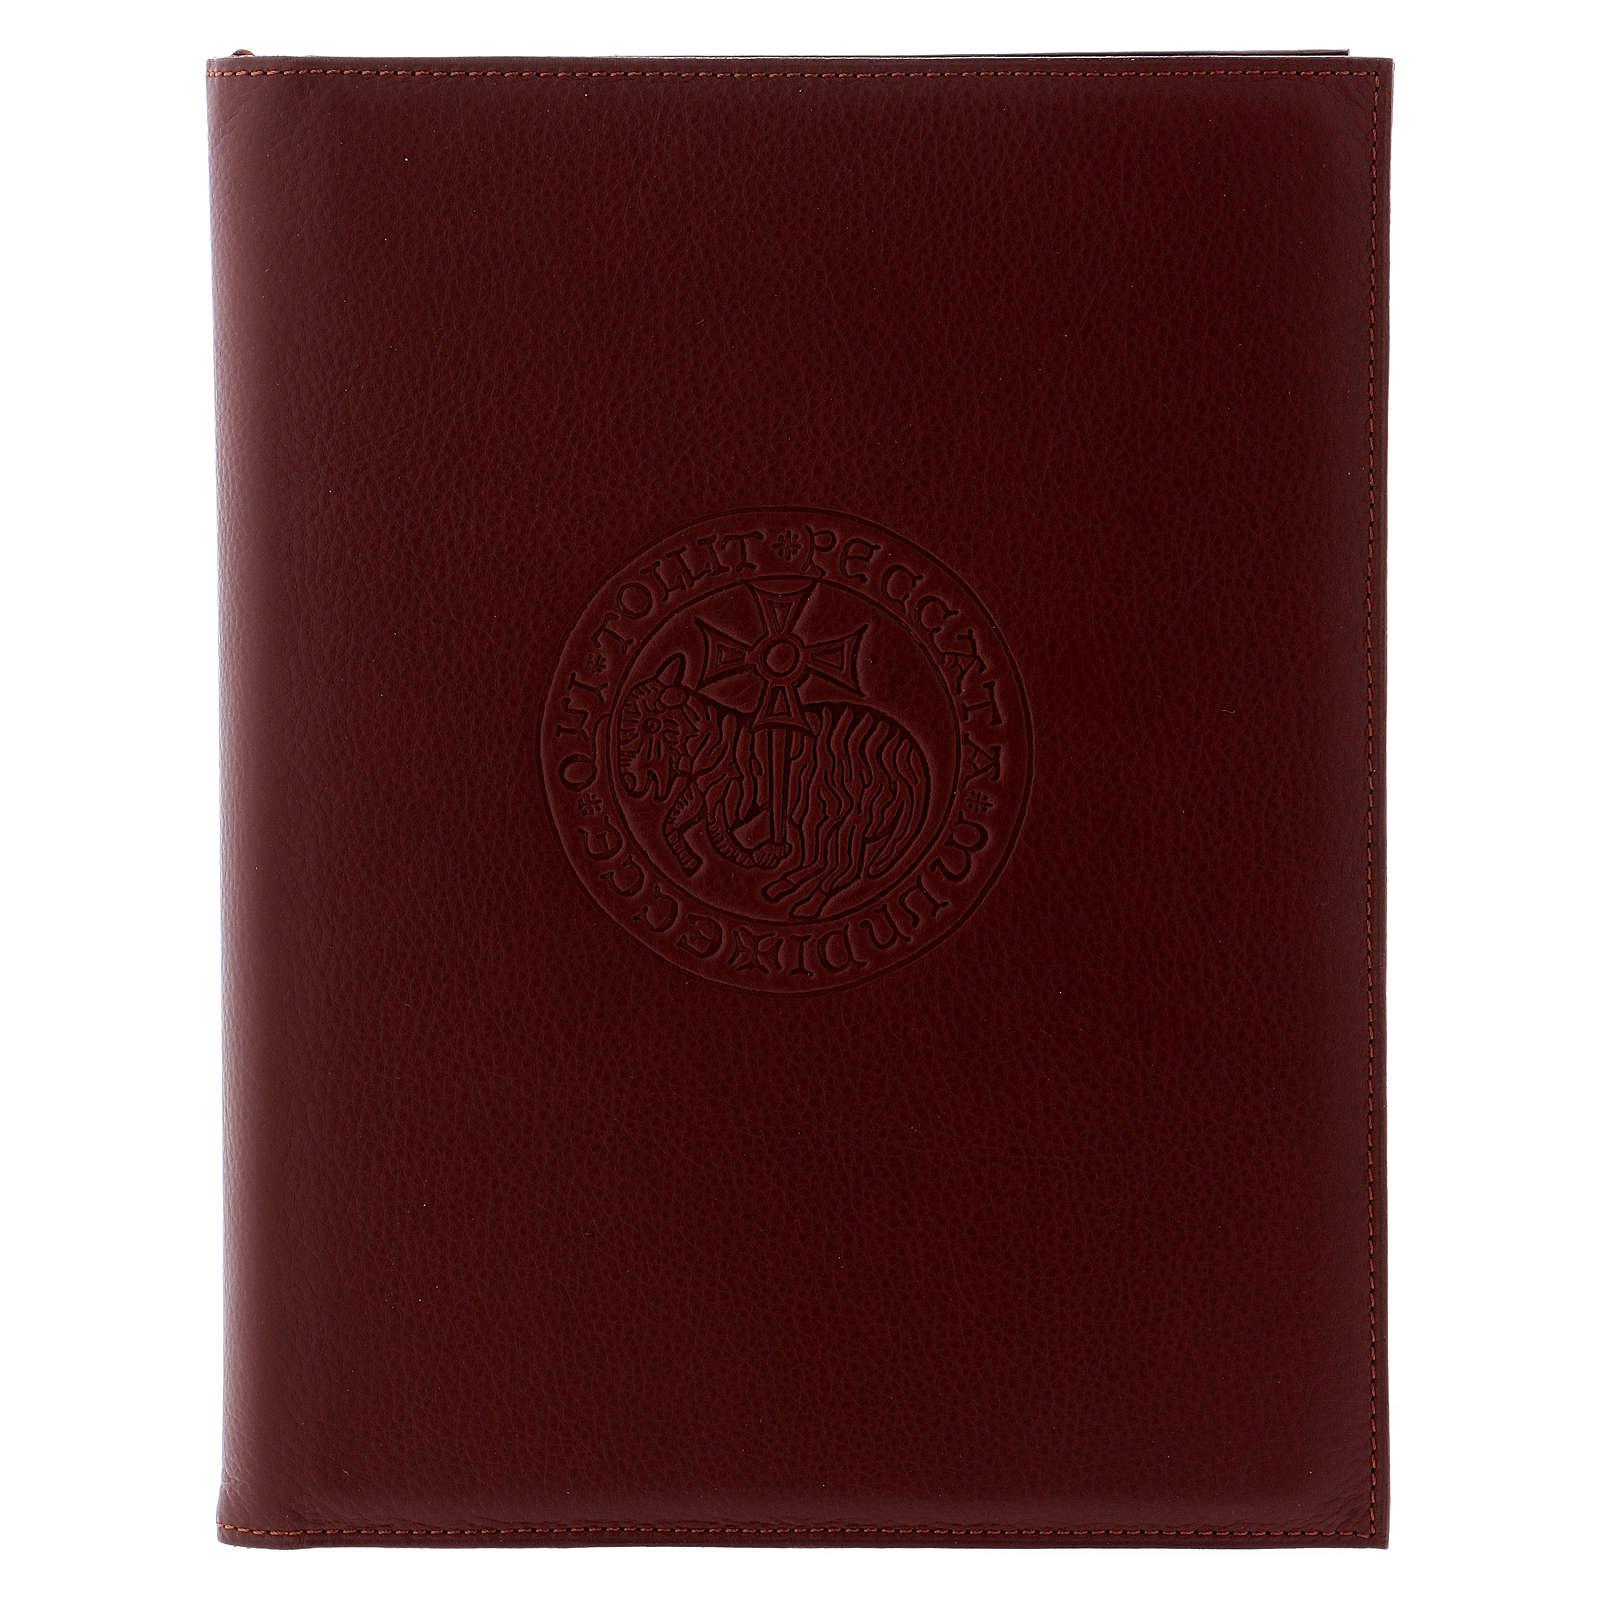 Custodia portariti formato A5 marrone agnello croce copta Bethlèem 4